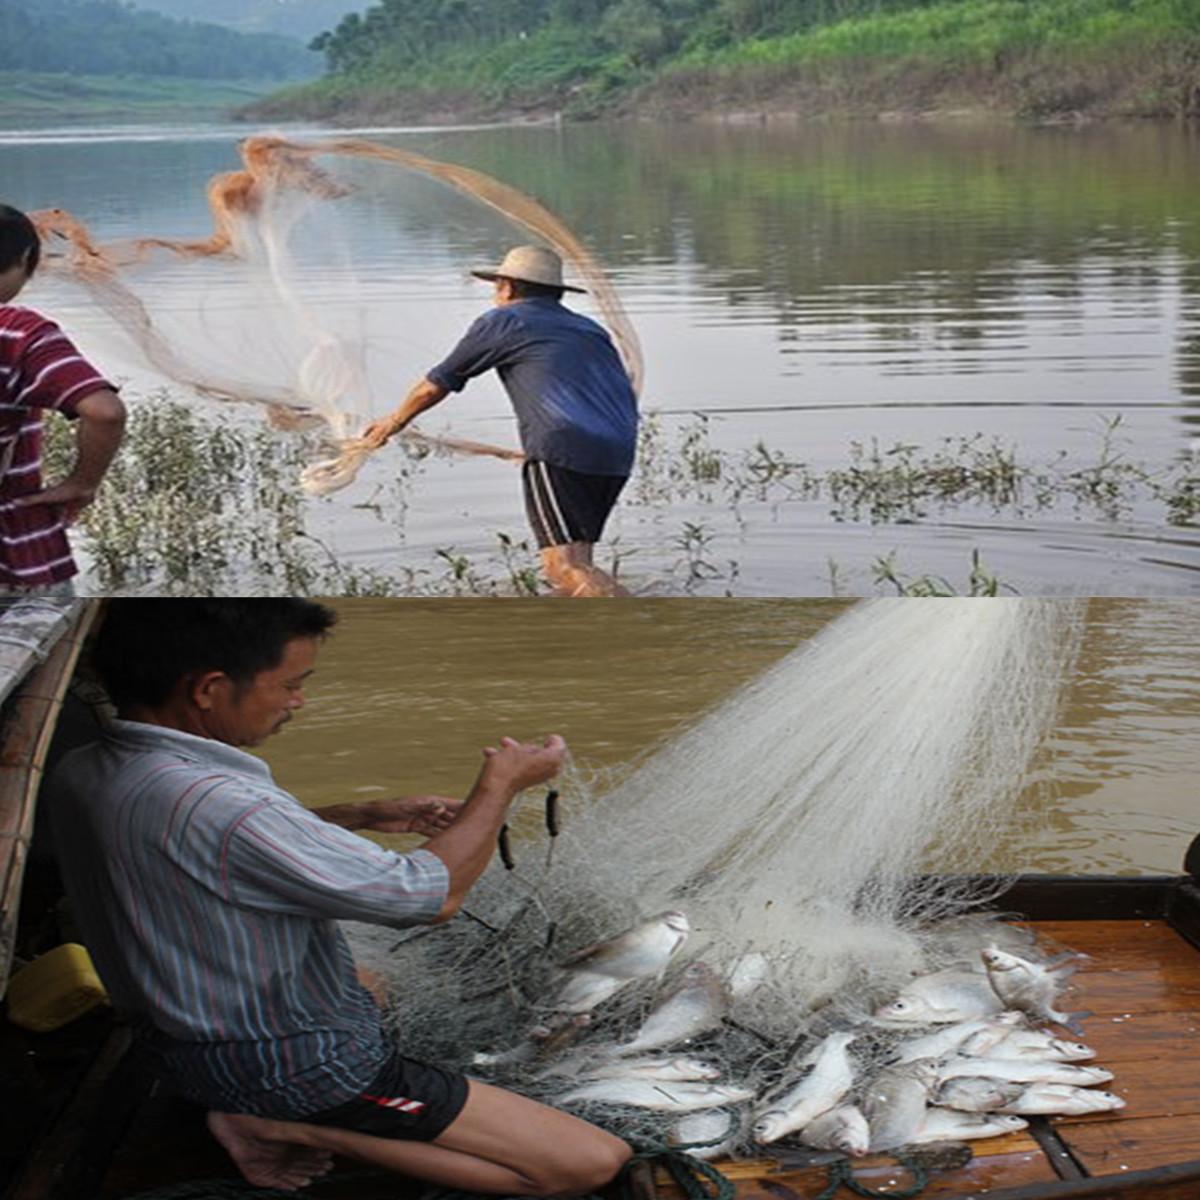 ZANLURE 10 Feet Cast Net Saltwater Clear Bait Cast Fishing Net